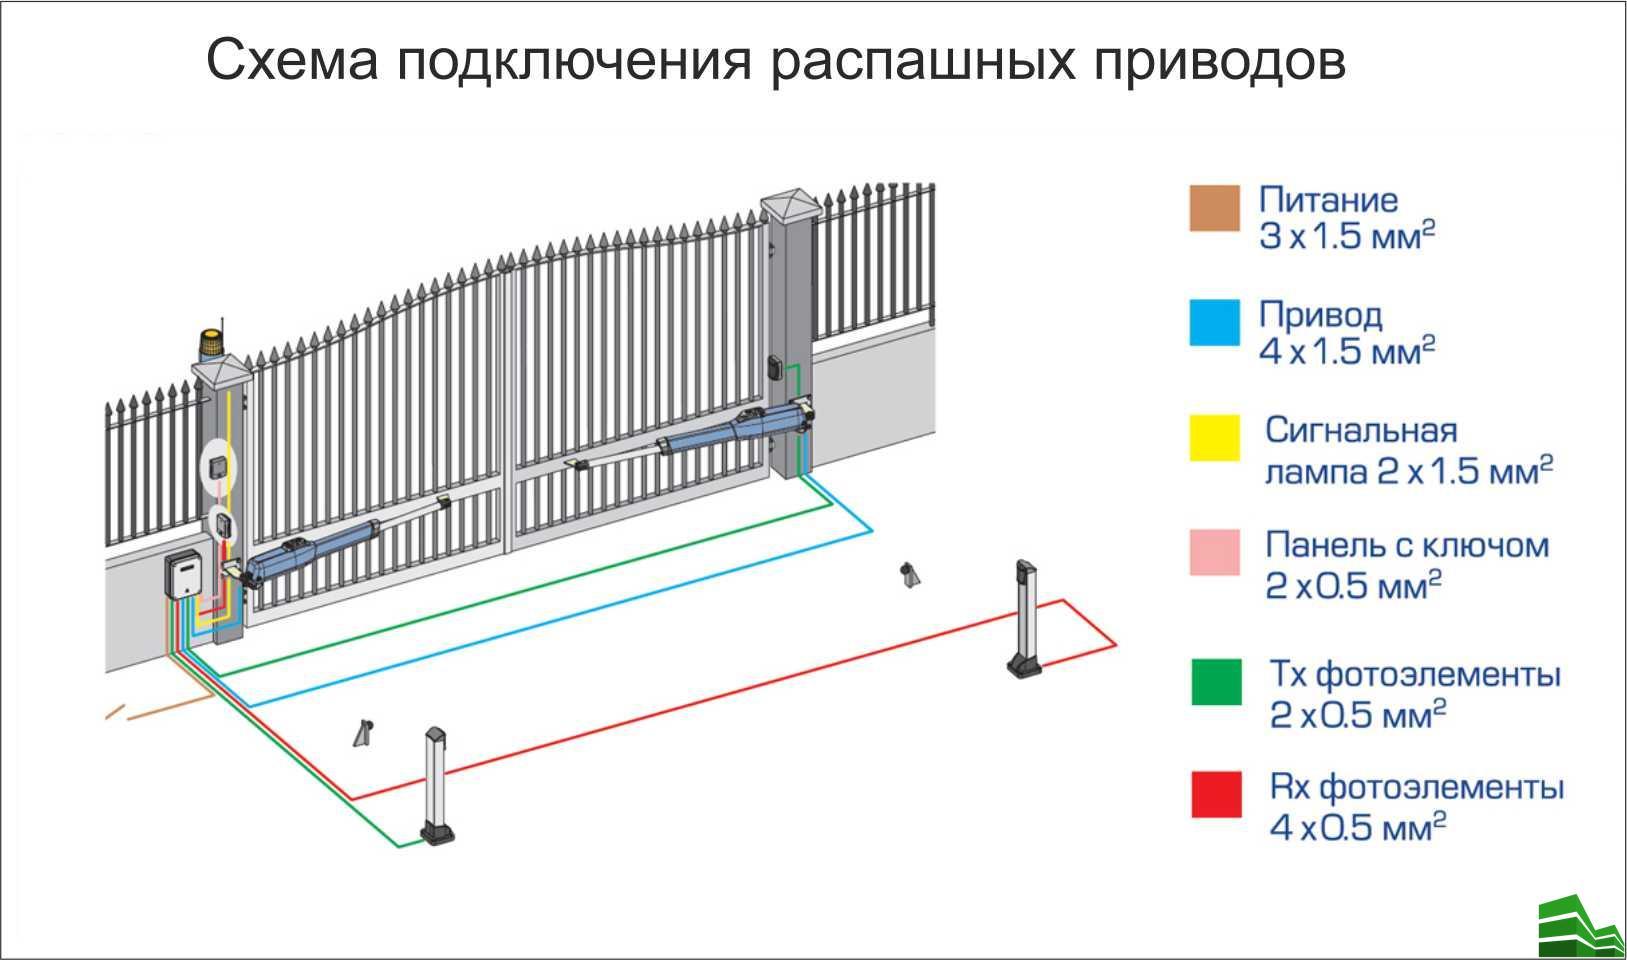 схемы электрических подключений деталей привода автоматических ворот